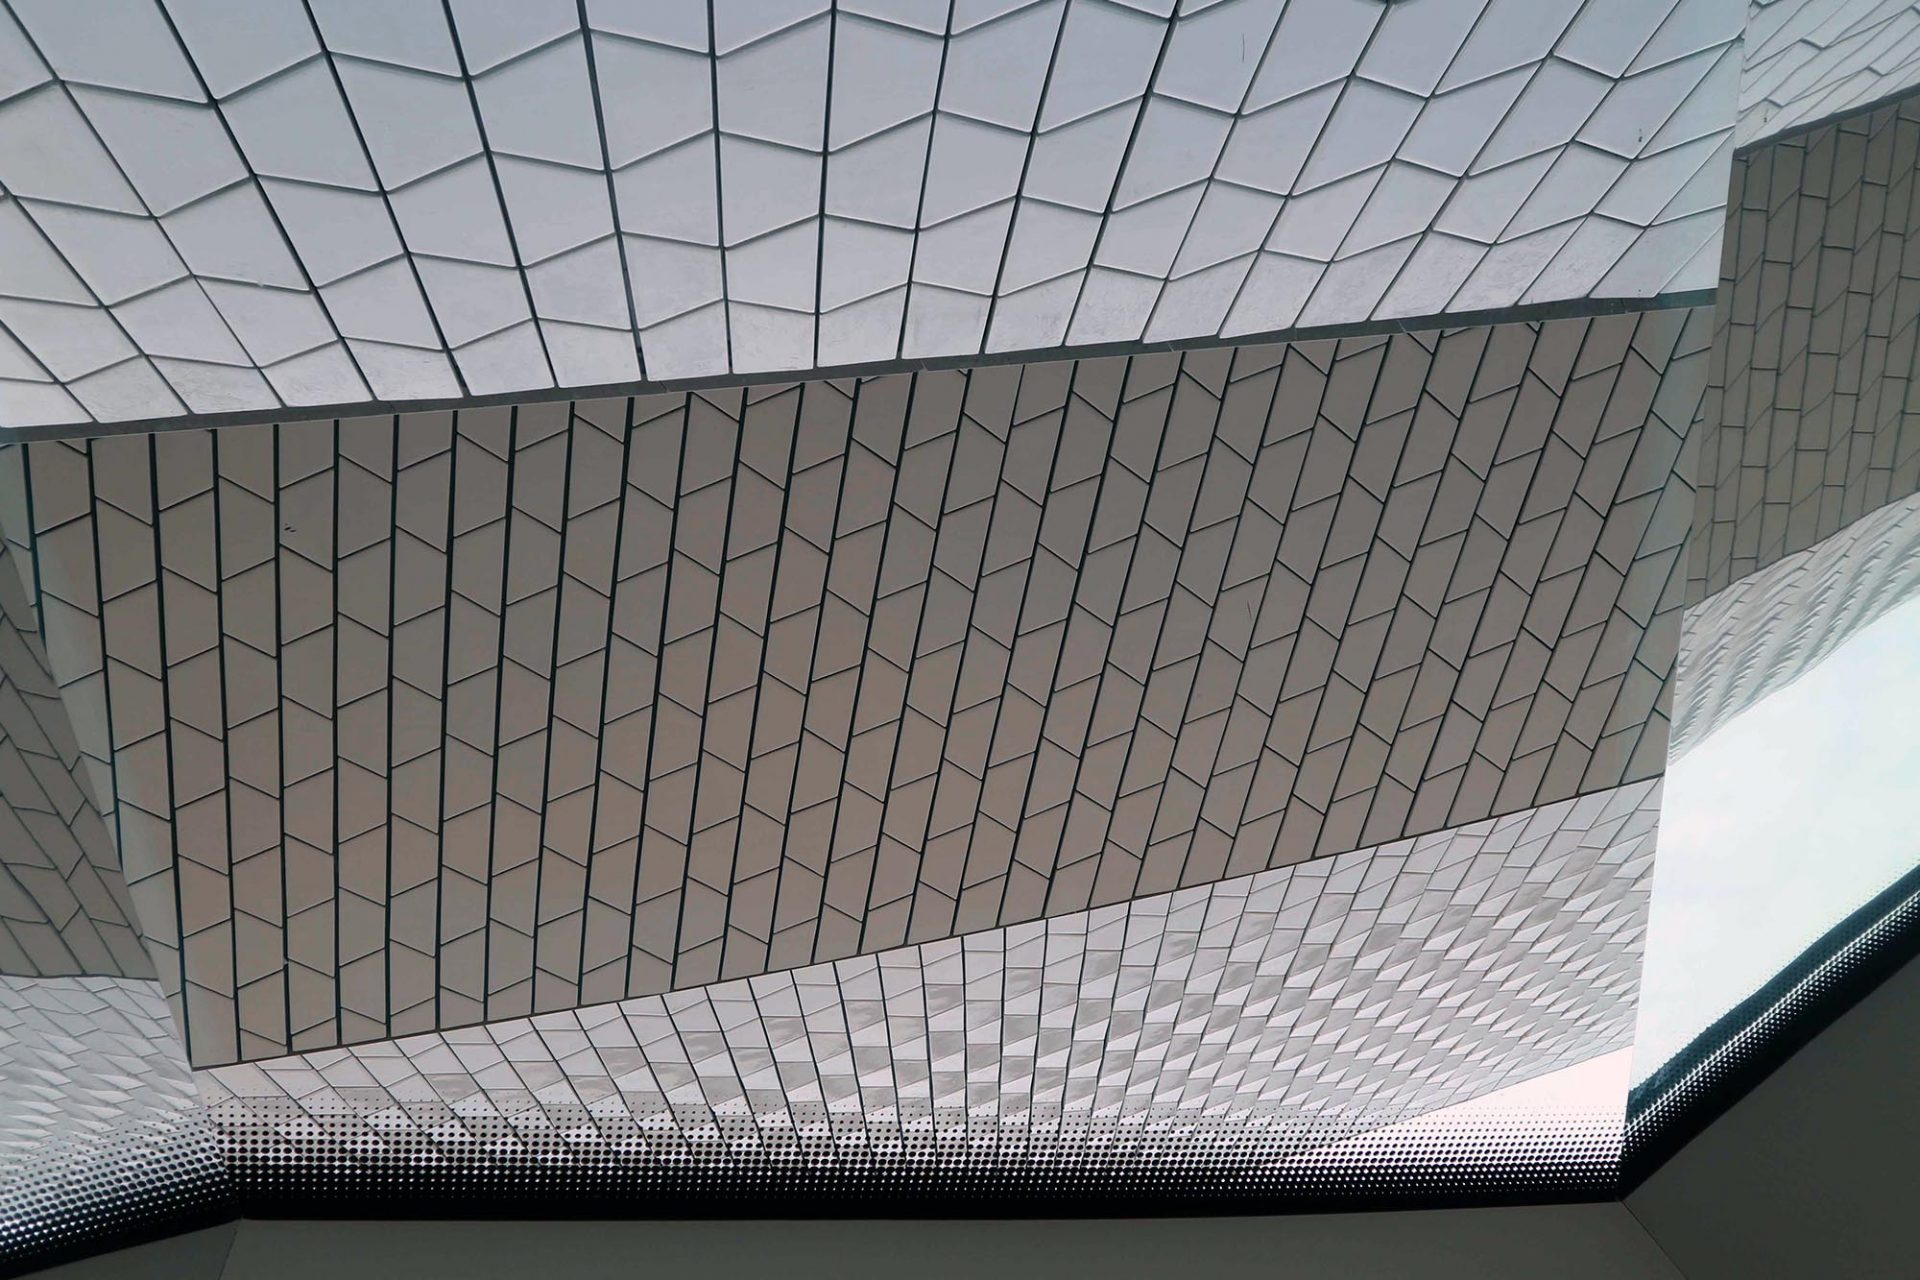 MAAT.  Die Plastizität der Fassade eröffnet spannende Formen- und Perspektivenspiele.